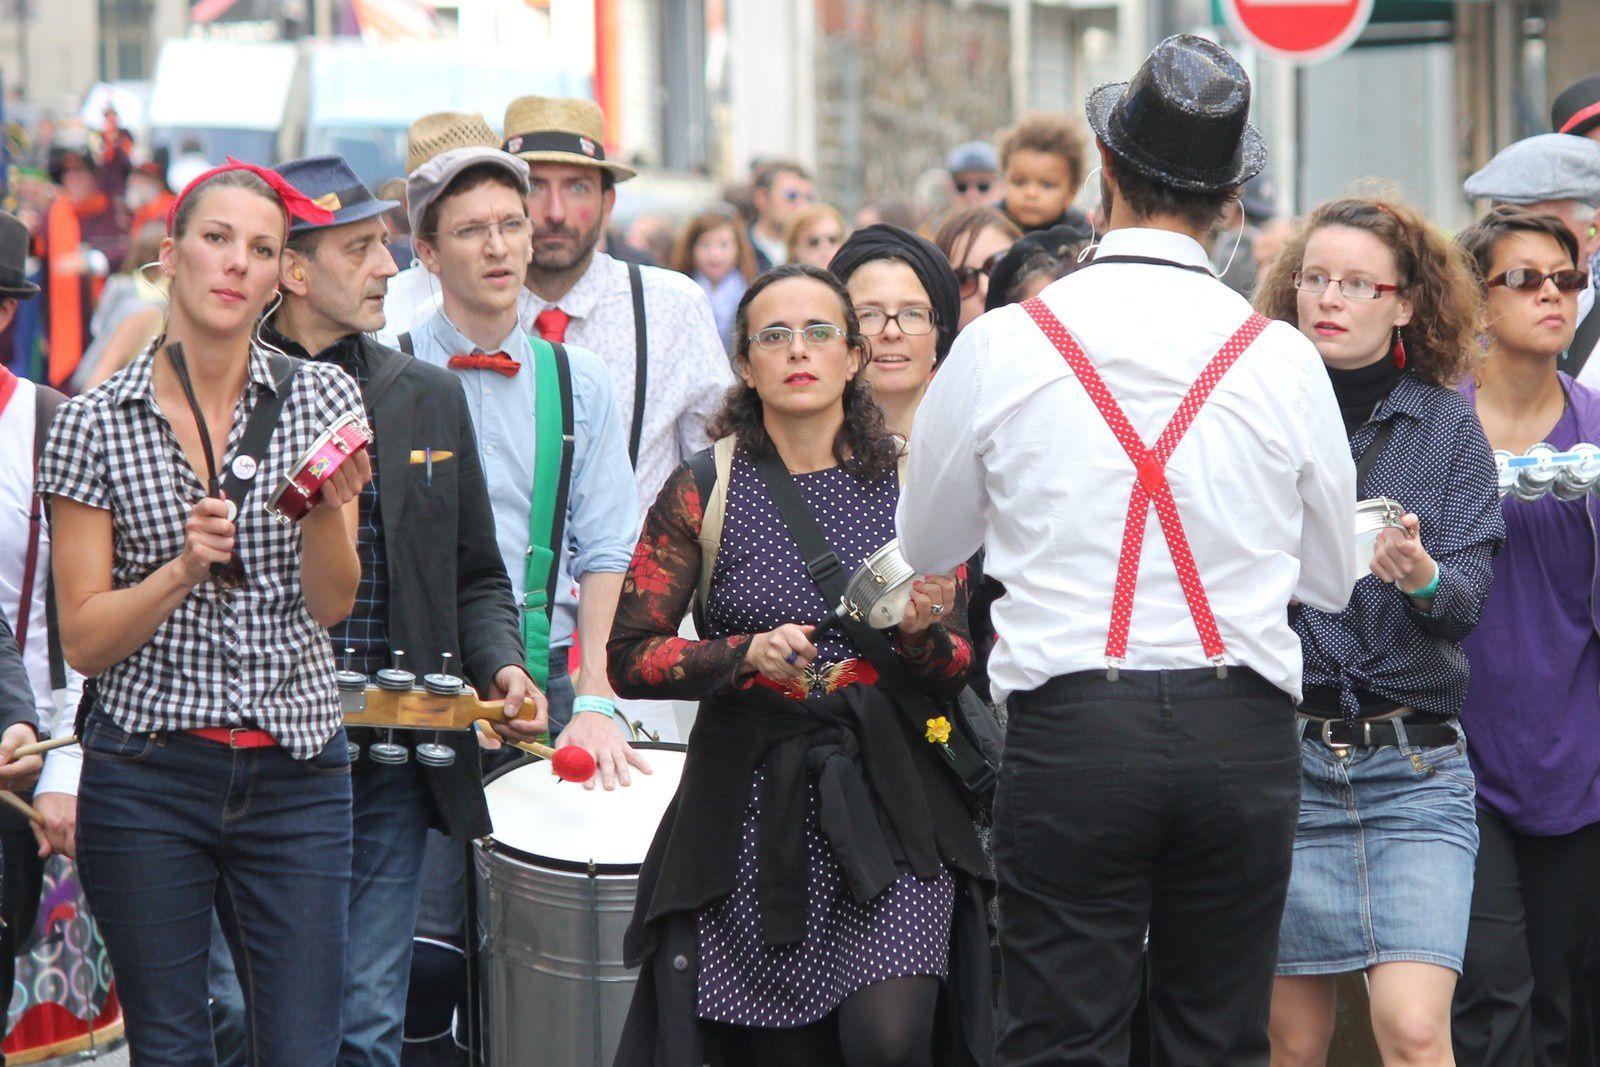 Fête des vendanges. Défilé 10 octobre 2015. Photos. Montmartre.